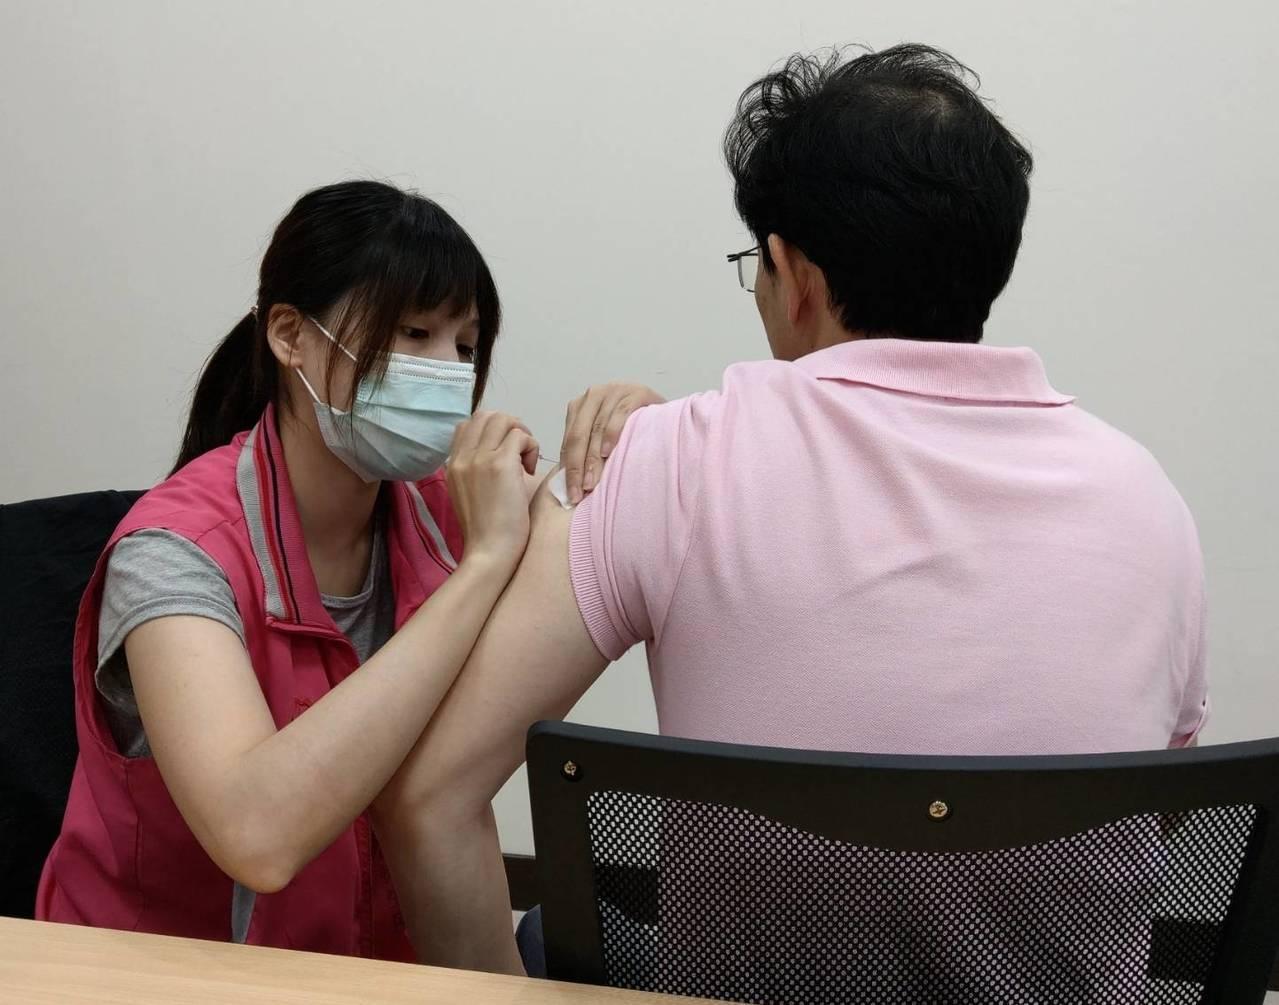 為防止麻疹疫情於社區傳播,桃園市衛生局宣佈即日起至7月31日,針對設籍桃園市19...